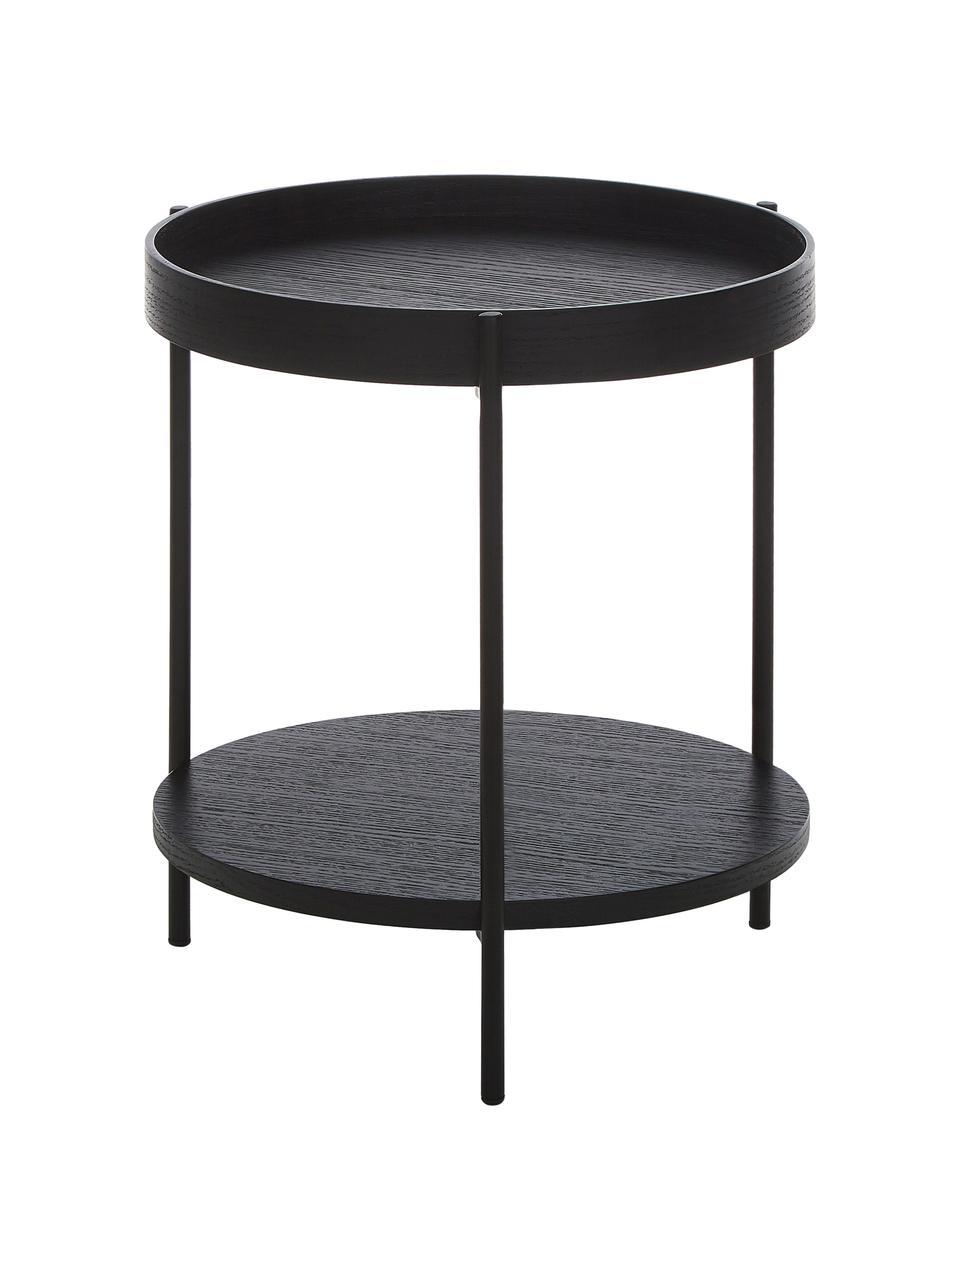 Stolik pomocniczy z drewna Renee, Blat: płyta pilśniowa średniej , Stelaż: metal malowany proszkowo, Czarny, Ø 44 x W 49 cm